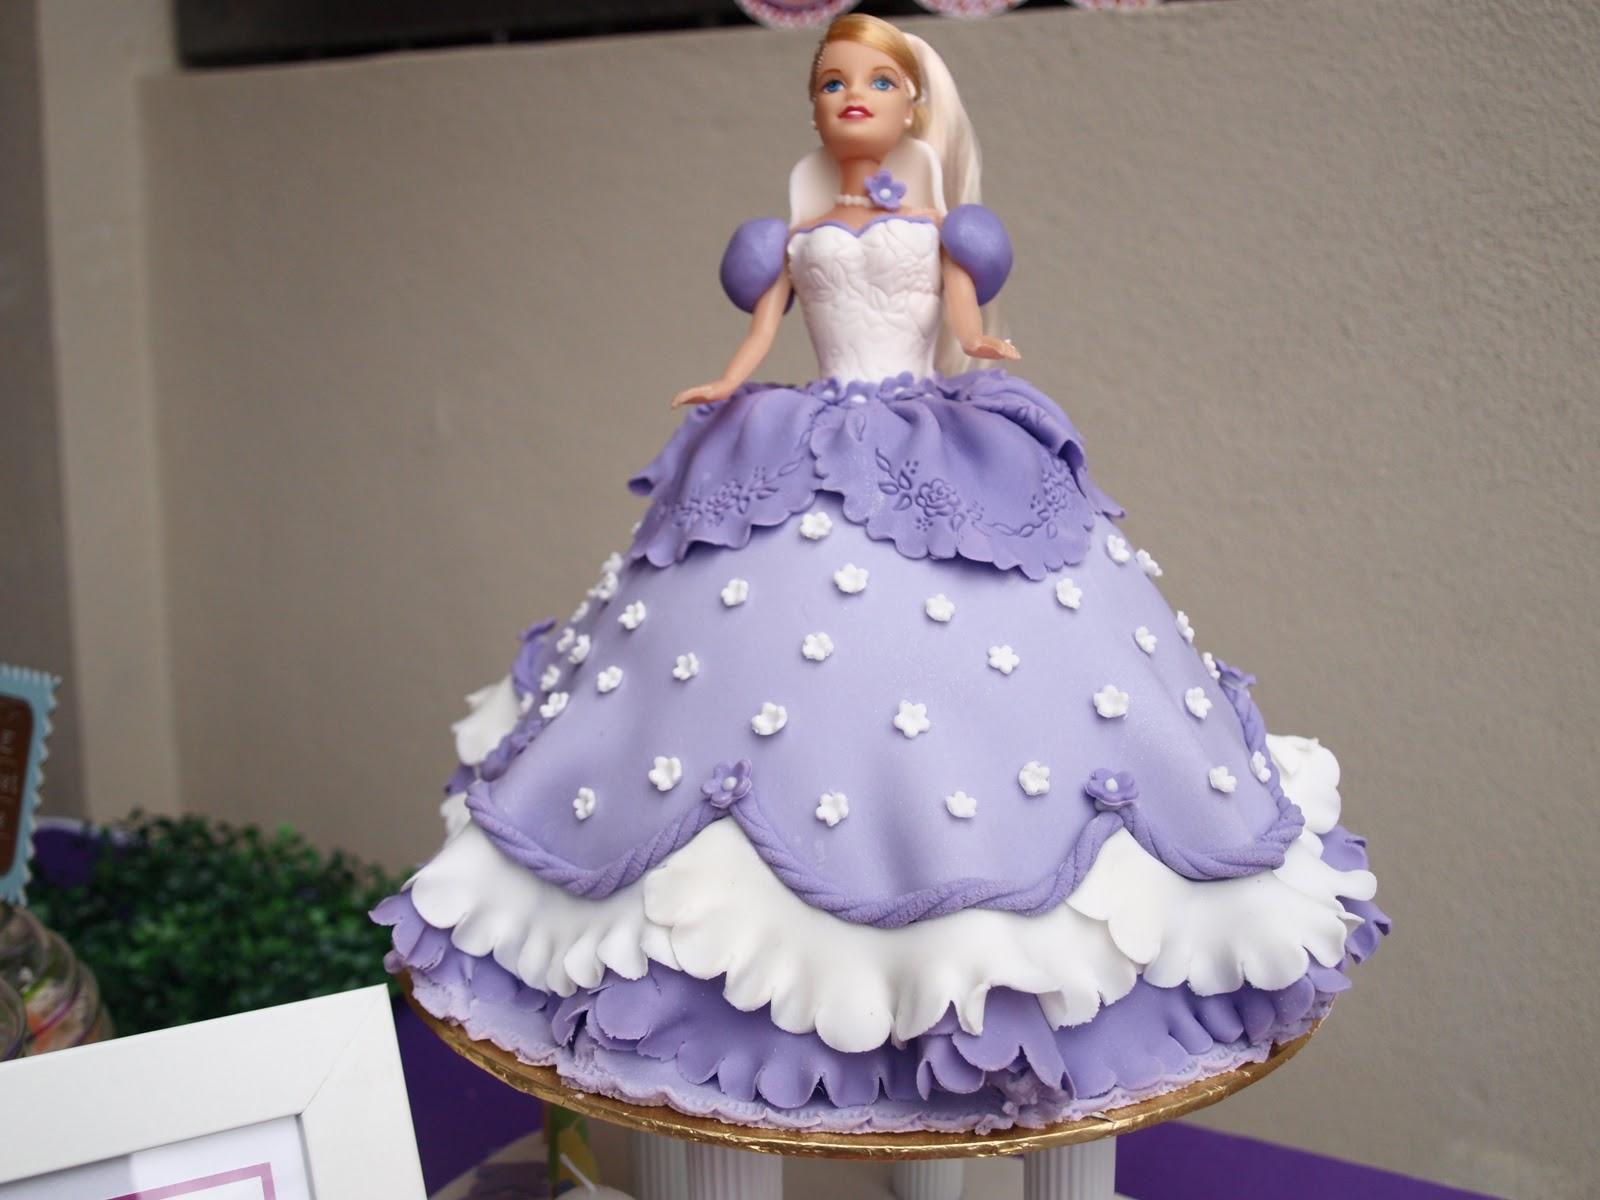 Irenebakelove Double Birthday Celebrations To Princess